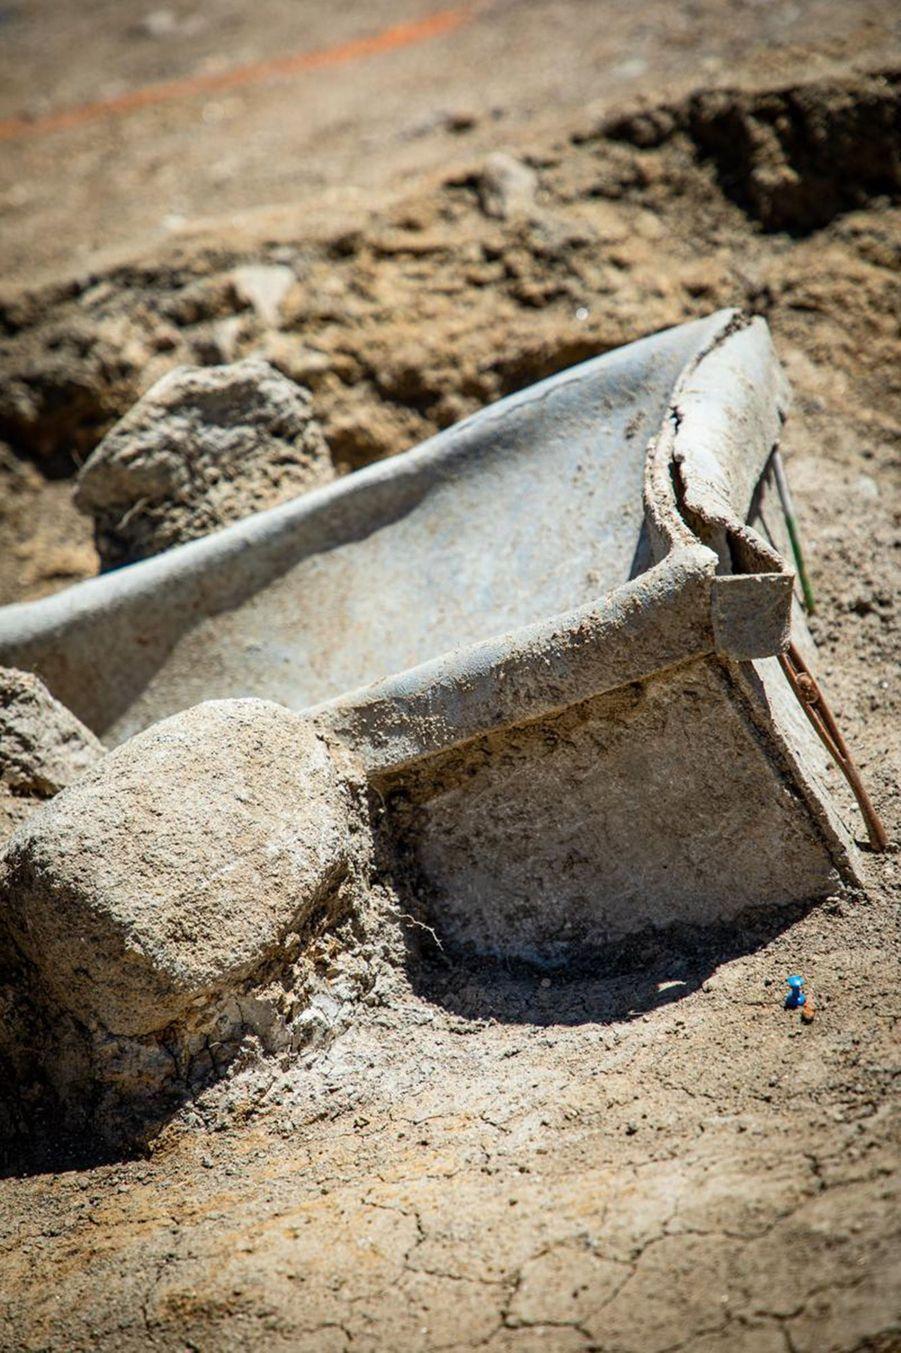 Extrémité d'un cercueil en plomb.